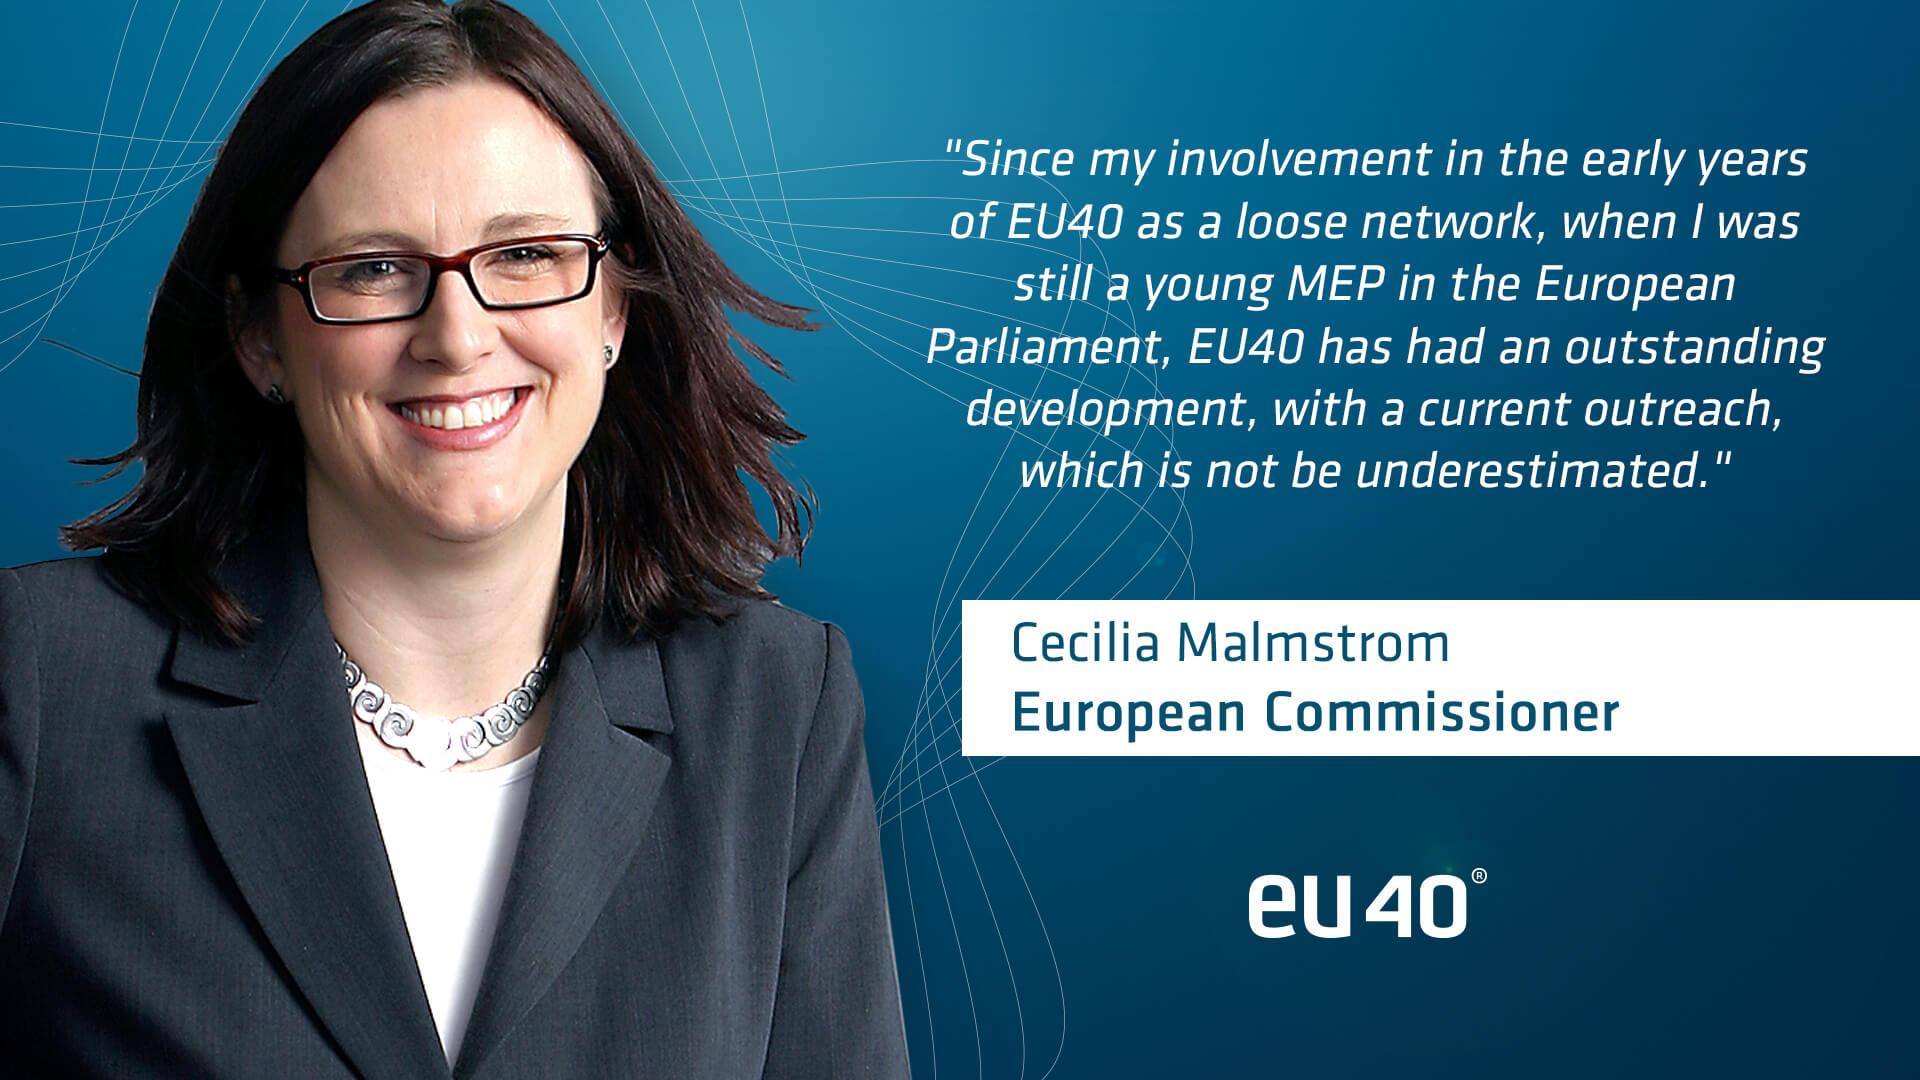 Cecilia-MalmStrom_Supports-eu40-QUOTE_March16 (1) (1)